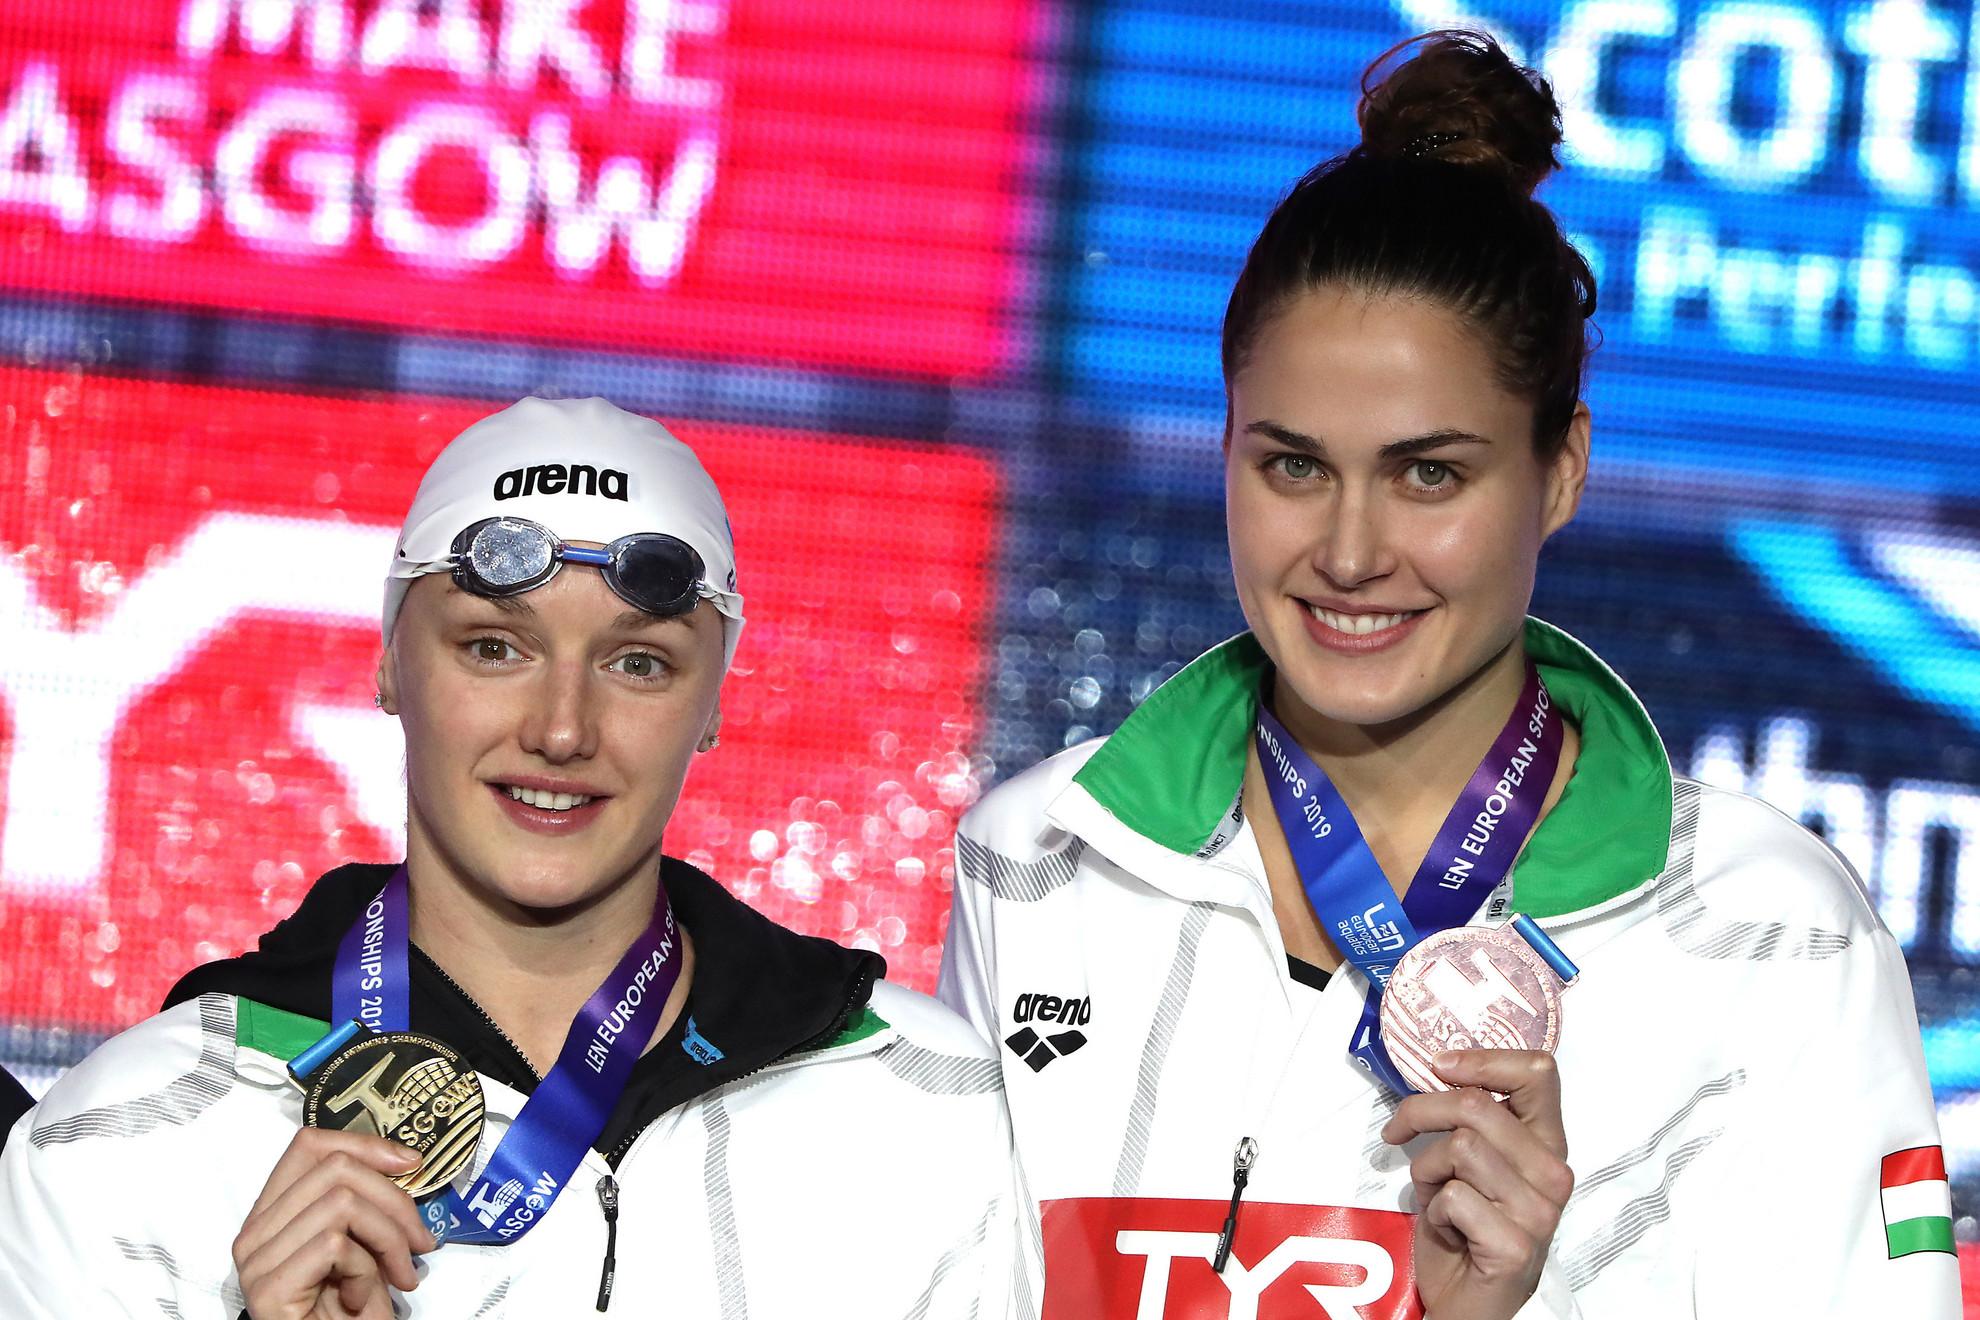 Az aranyérmes Hosszú Katinka (b) és a bronzérmes Jakabos Zsuzsanna a 200 méteres pillangóúszás eredményhirdetésén a glasgow-i rövidpályás úszó Európa-bajnokságon 2019. december 6-án